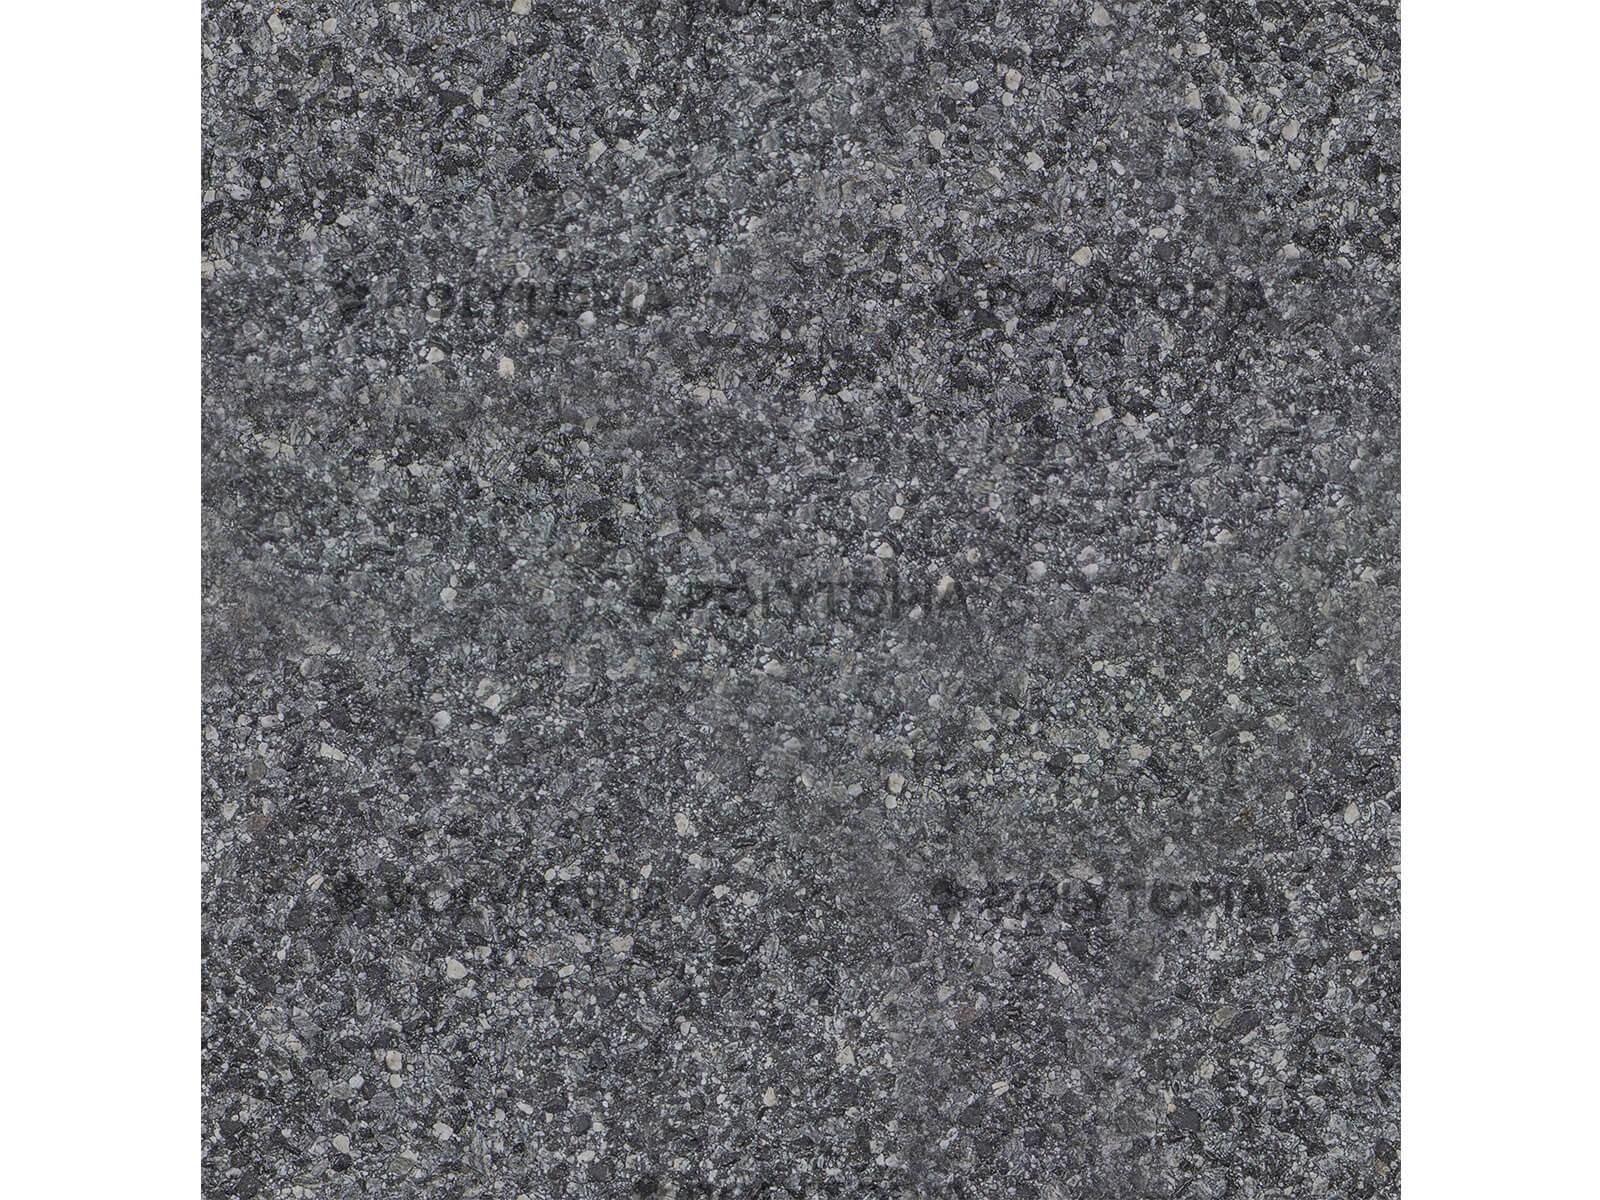 Texture sol asphalt